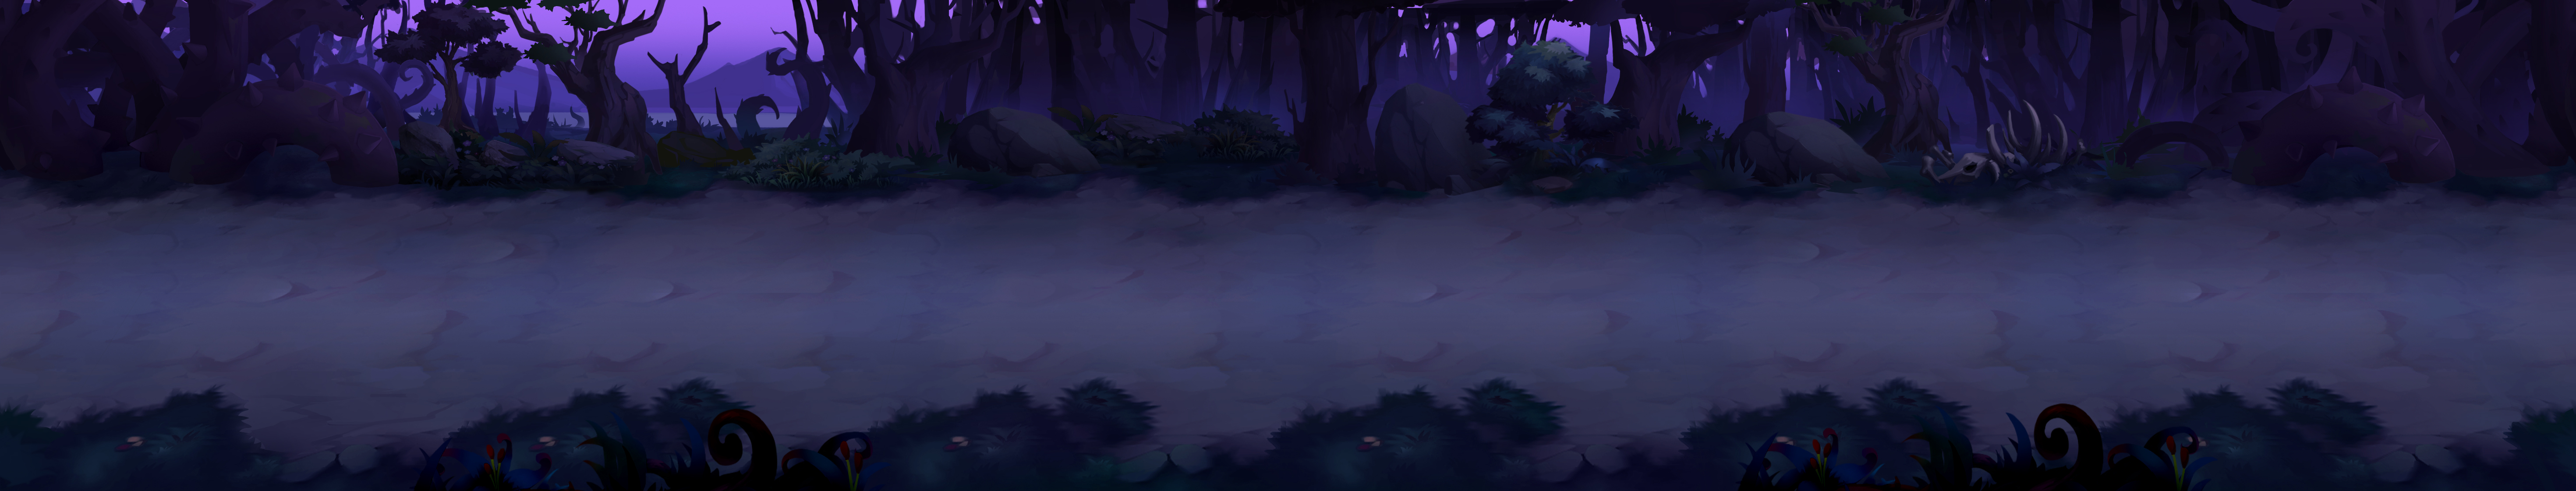 《英魂猎手》场景原画